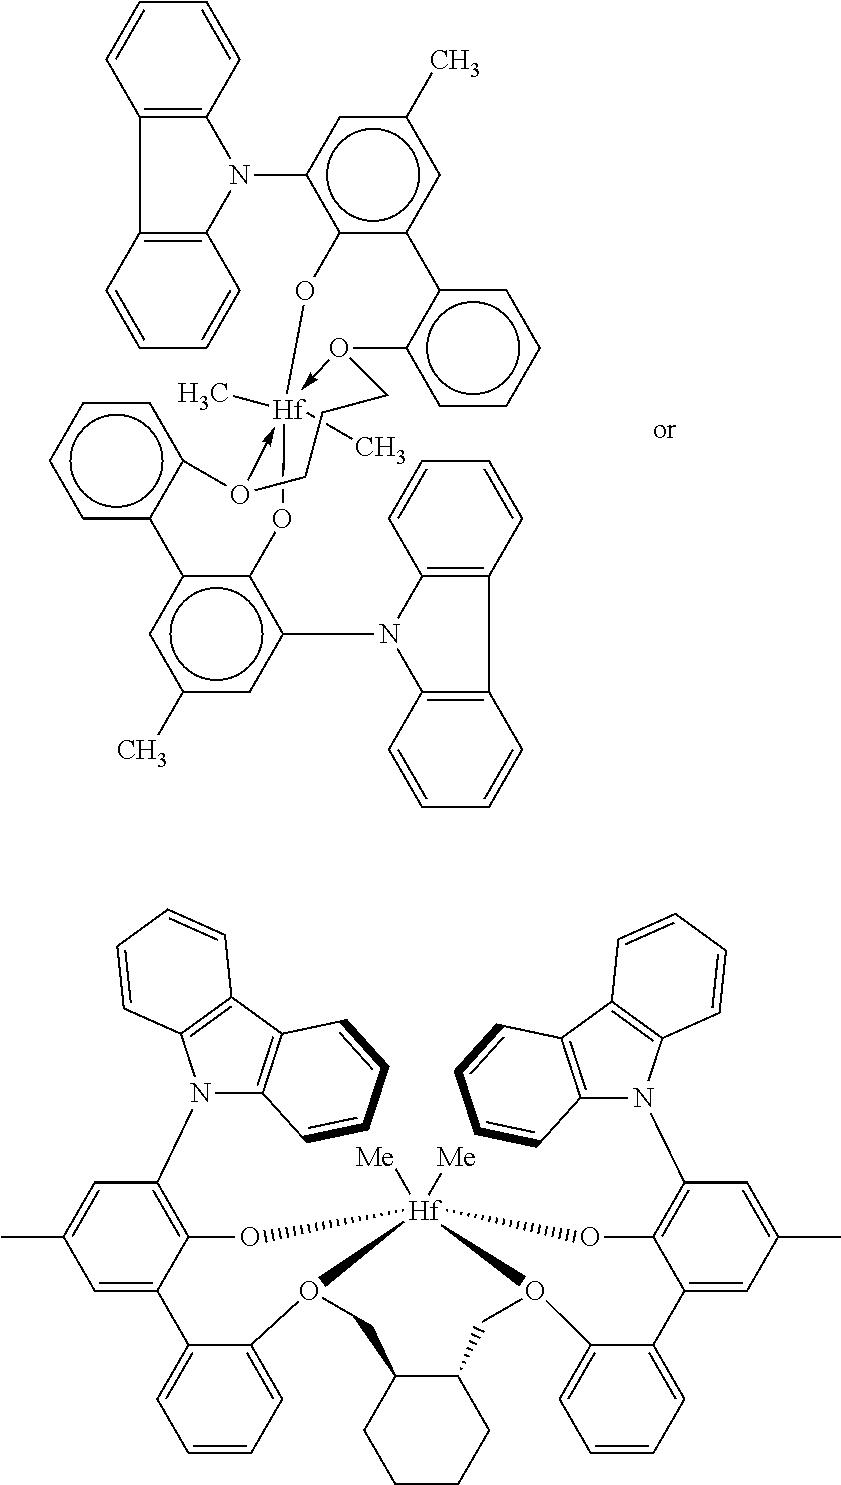 Figure US08686087-20140401-C00005